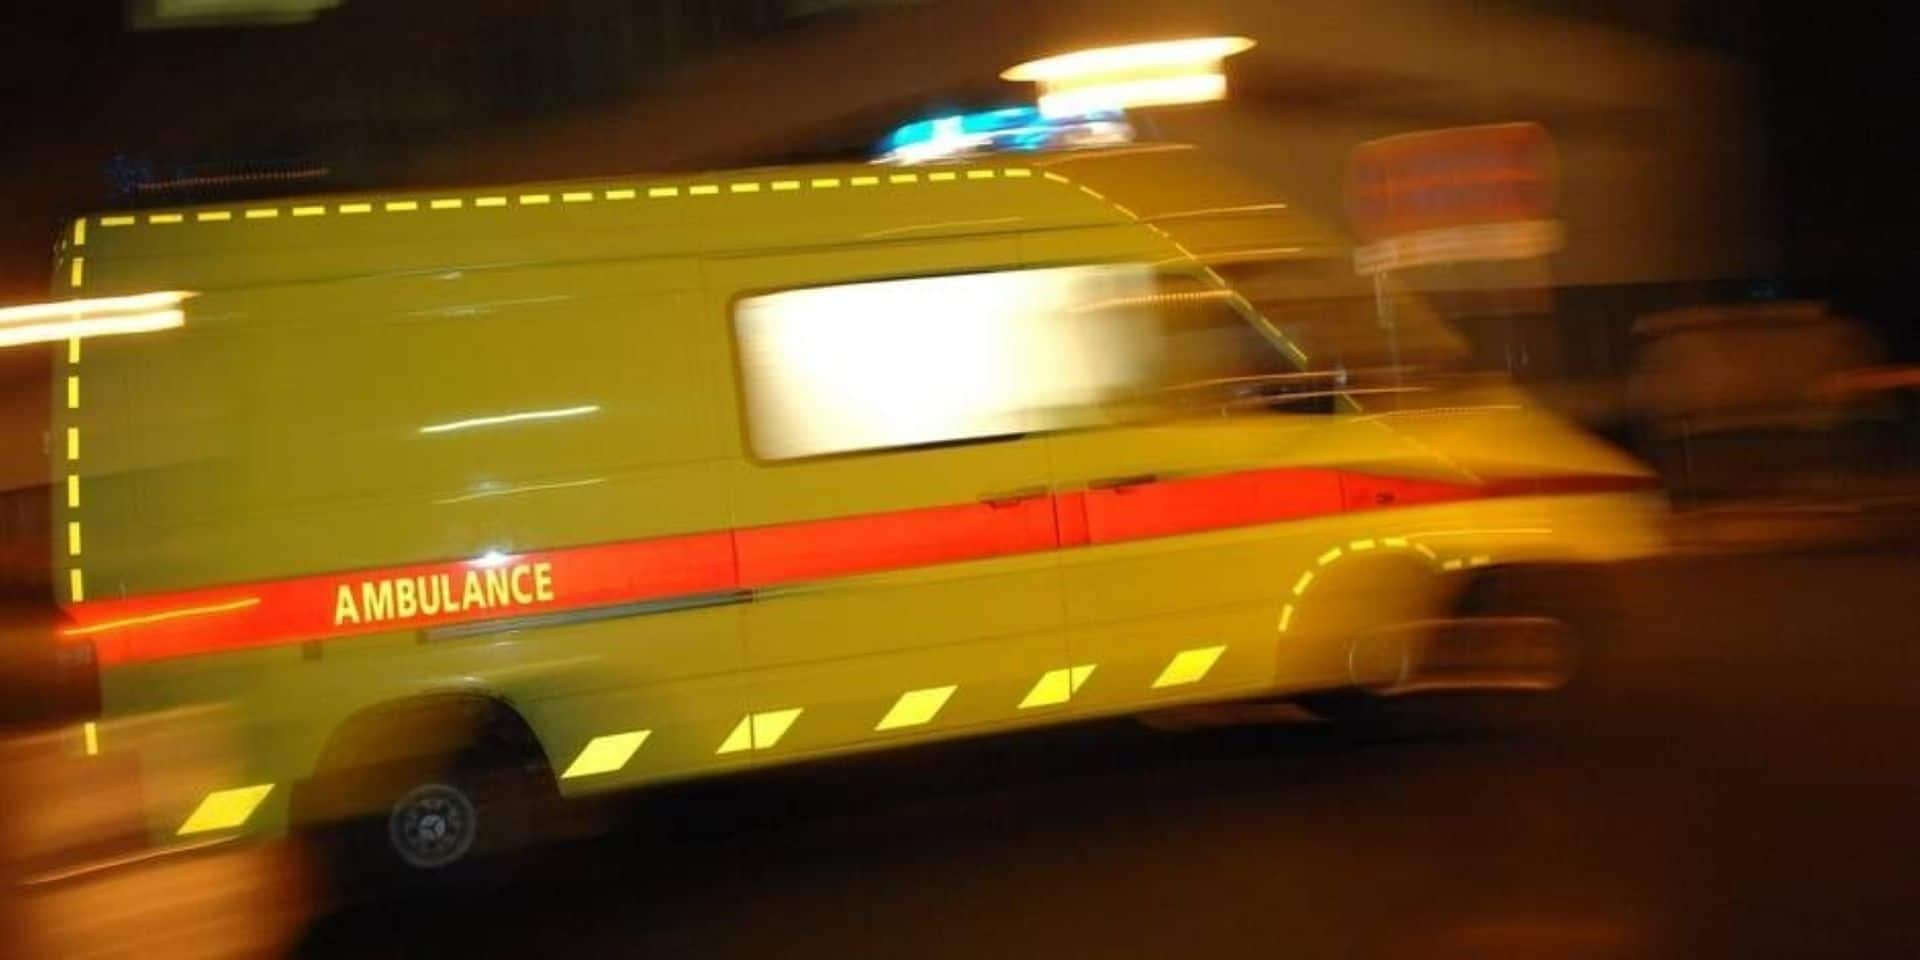 Conflit de voisinage à Wellin : un blessé transporté à l'hôpital